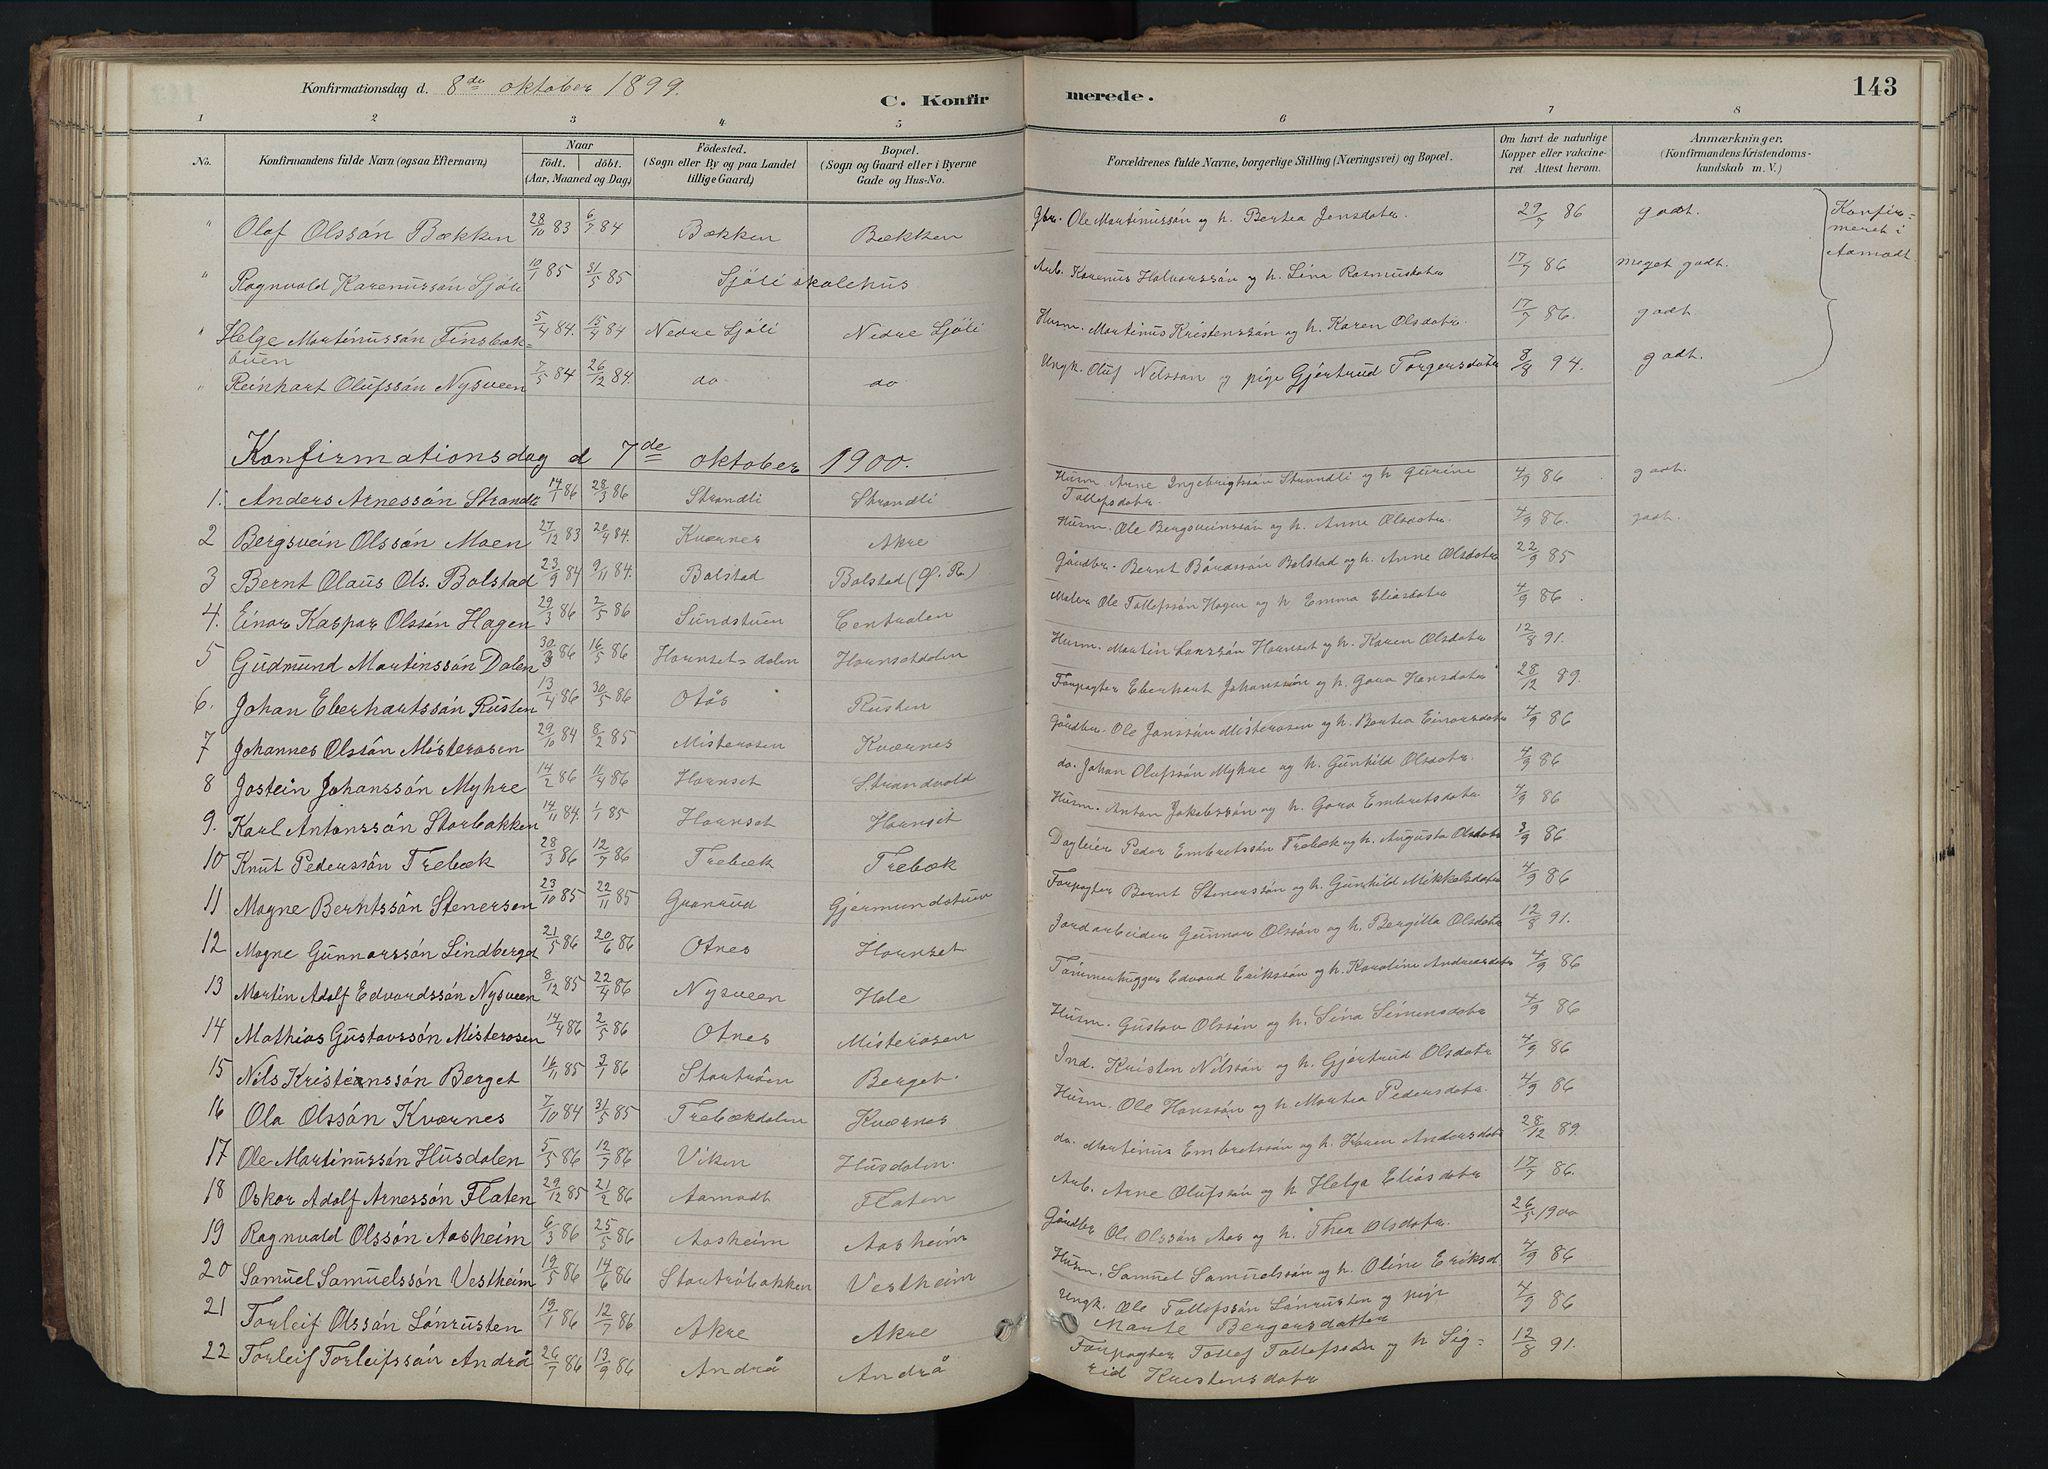 SAH, Rendalen prestekontor, H/Ha/Hab/L0009: Klokkerbok nr. 9, 1879-1902, s. 143